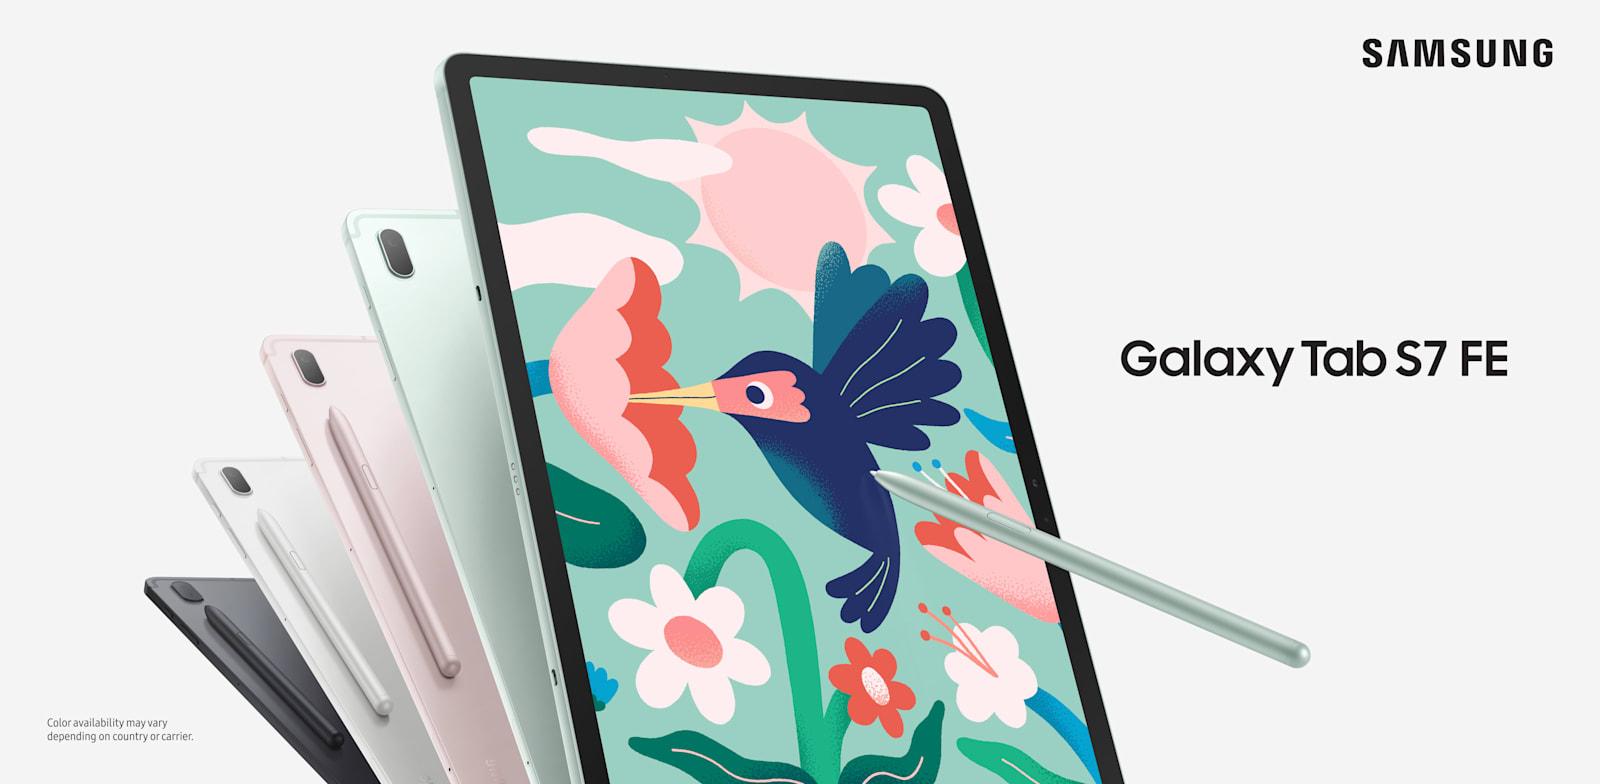 טאבלט Galaxy Tab S7 FE של סמסונג / צילום: יח''צ